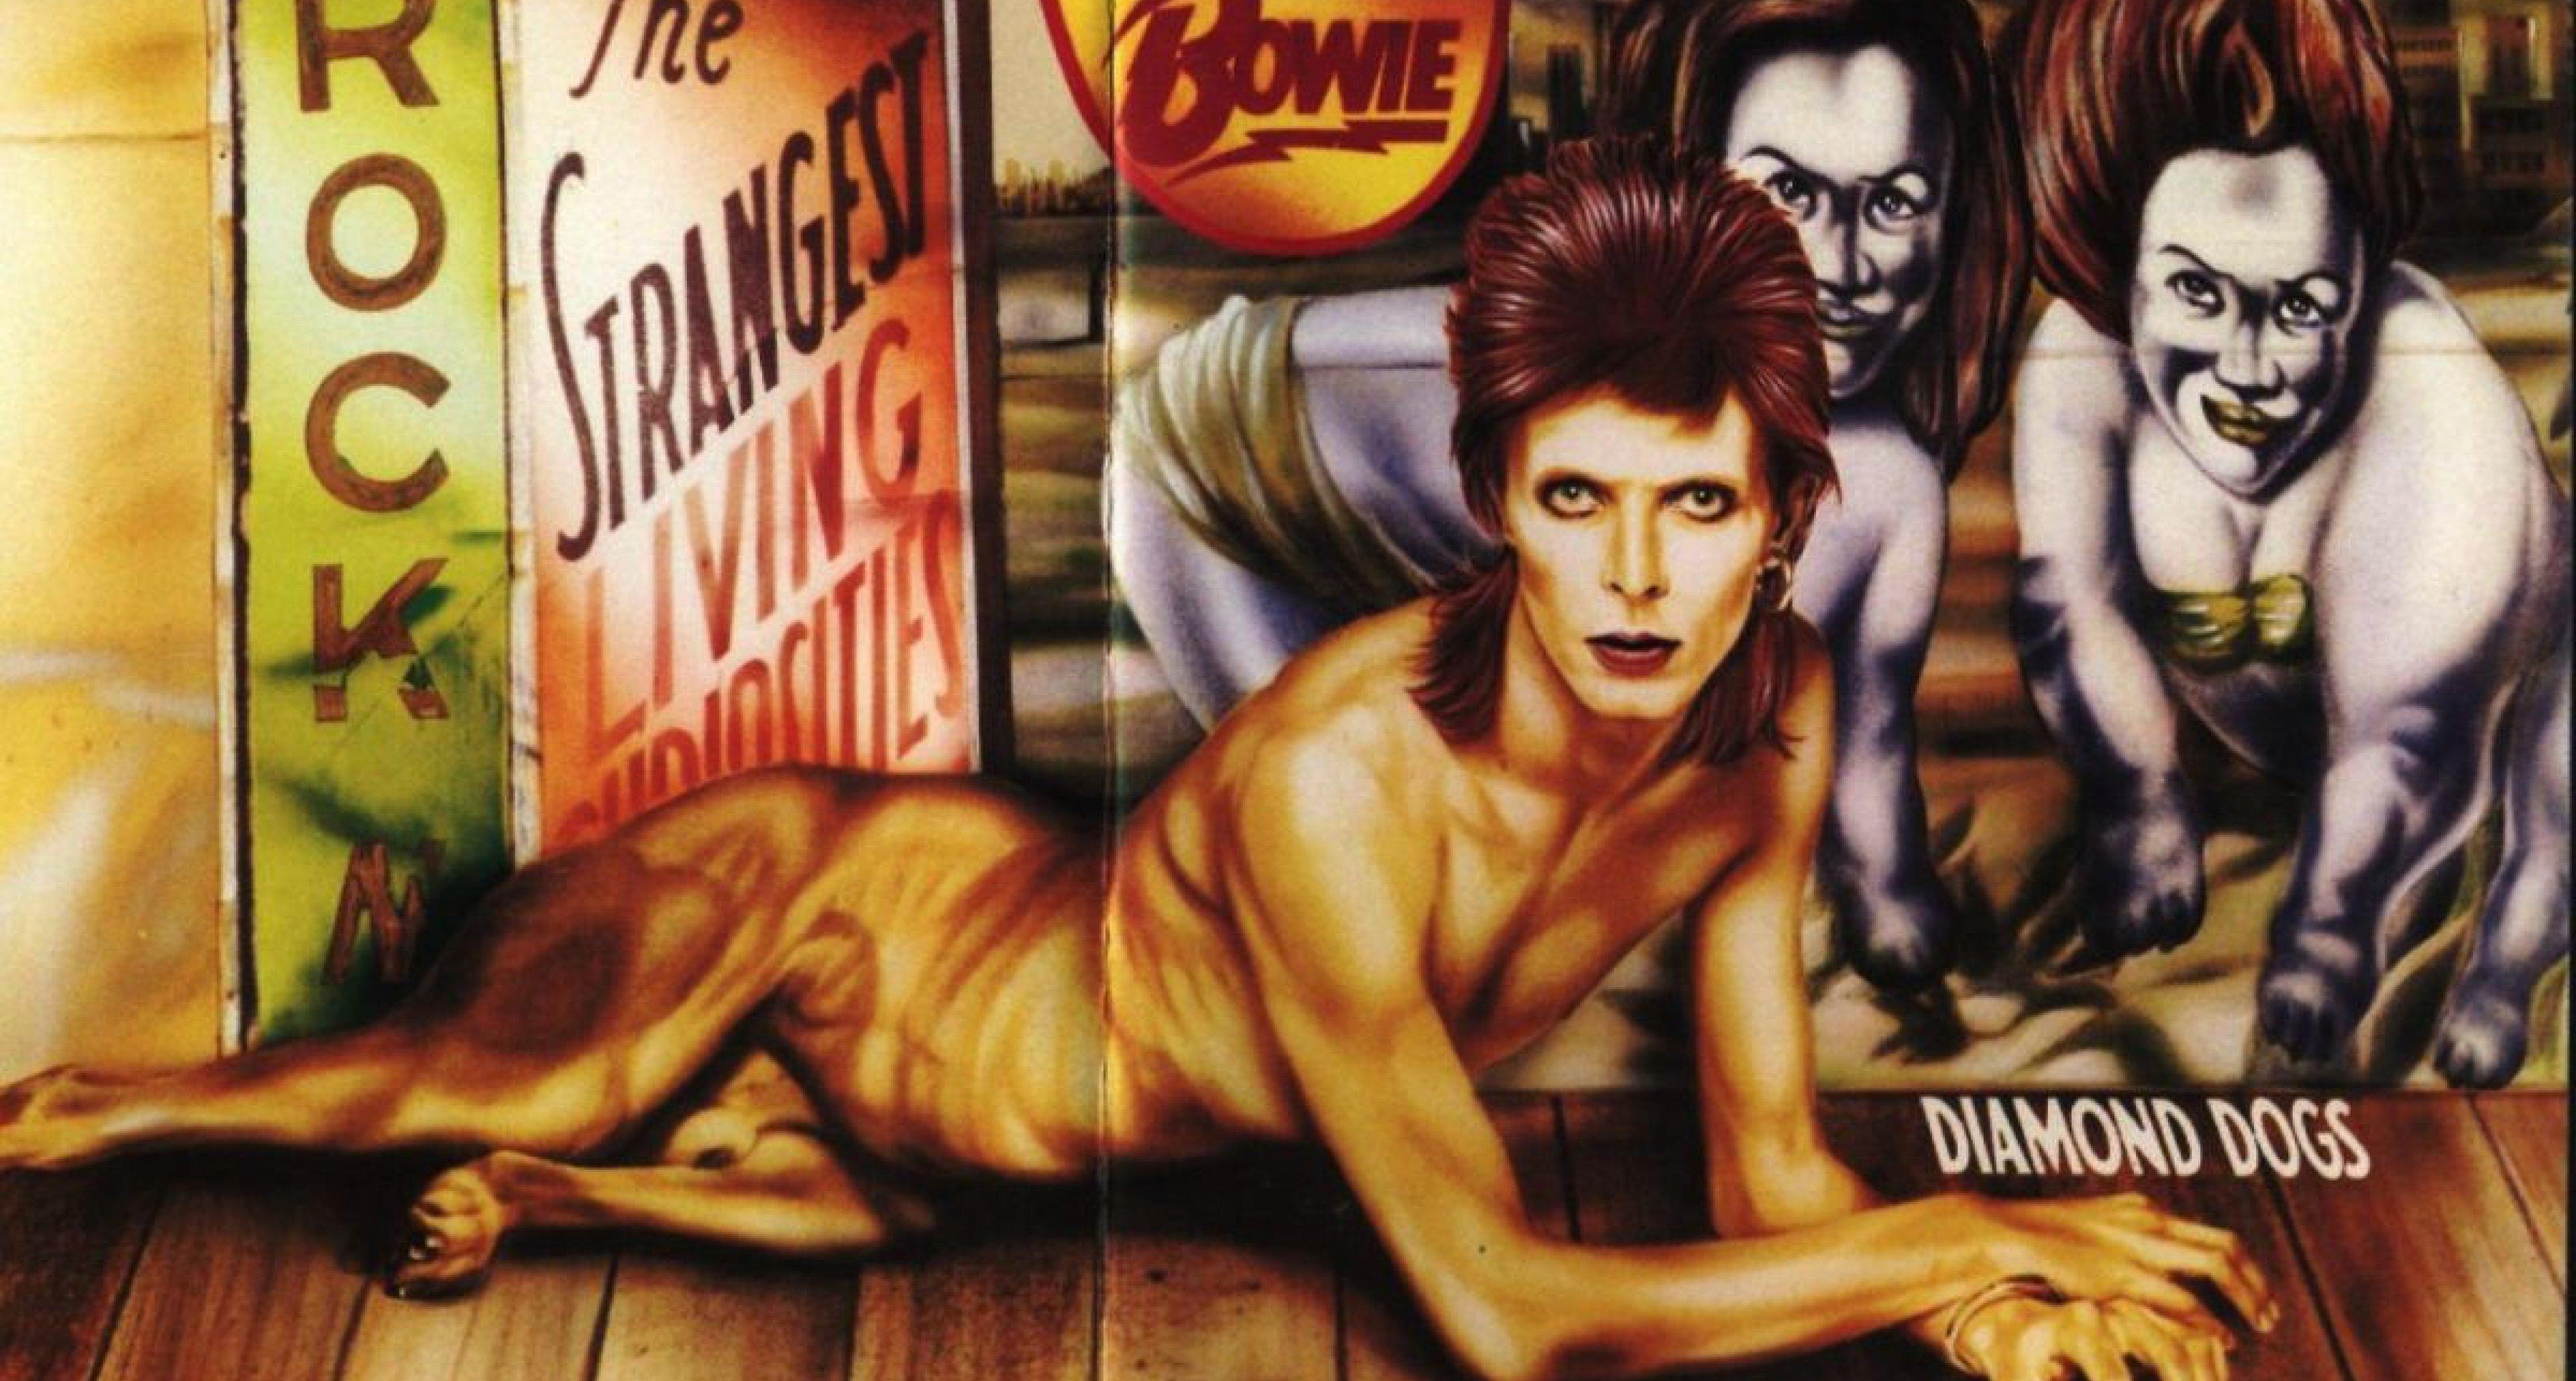 Diamond Dogs, by David Bowie